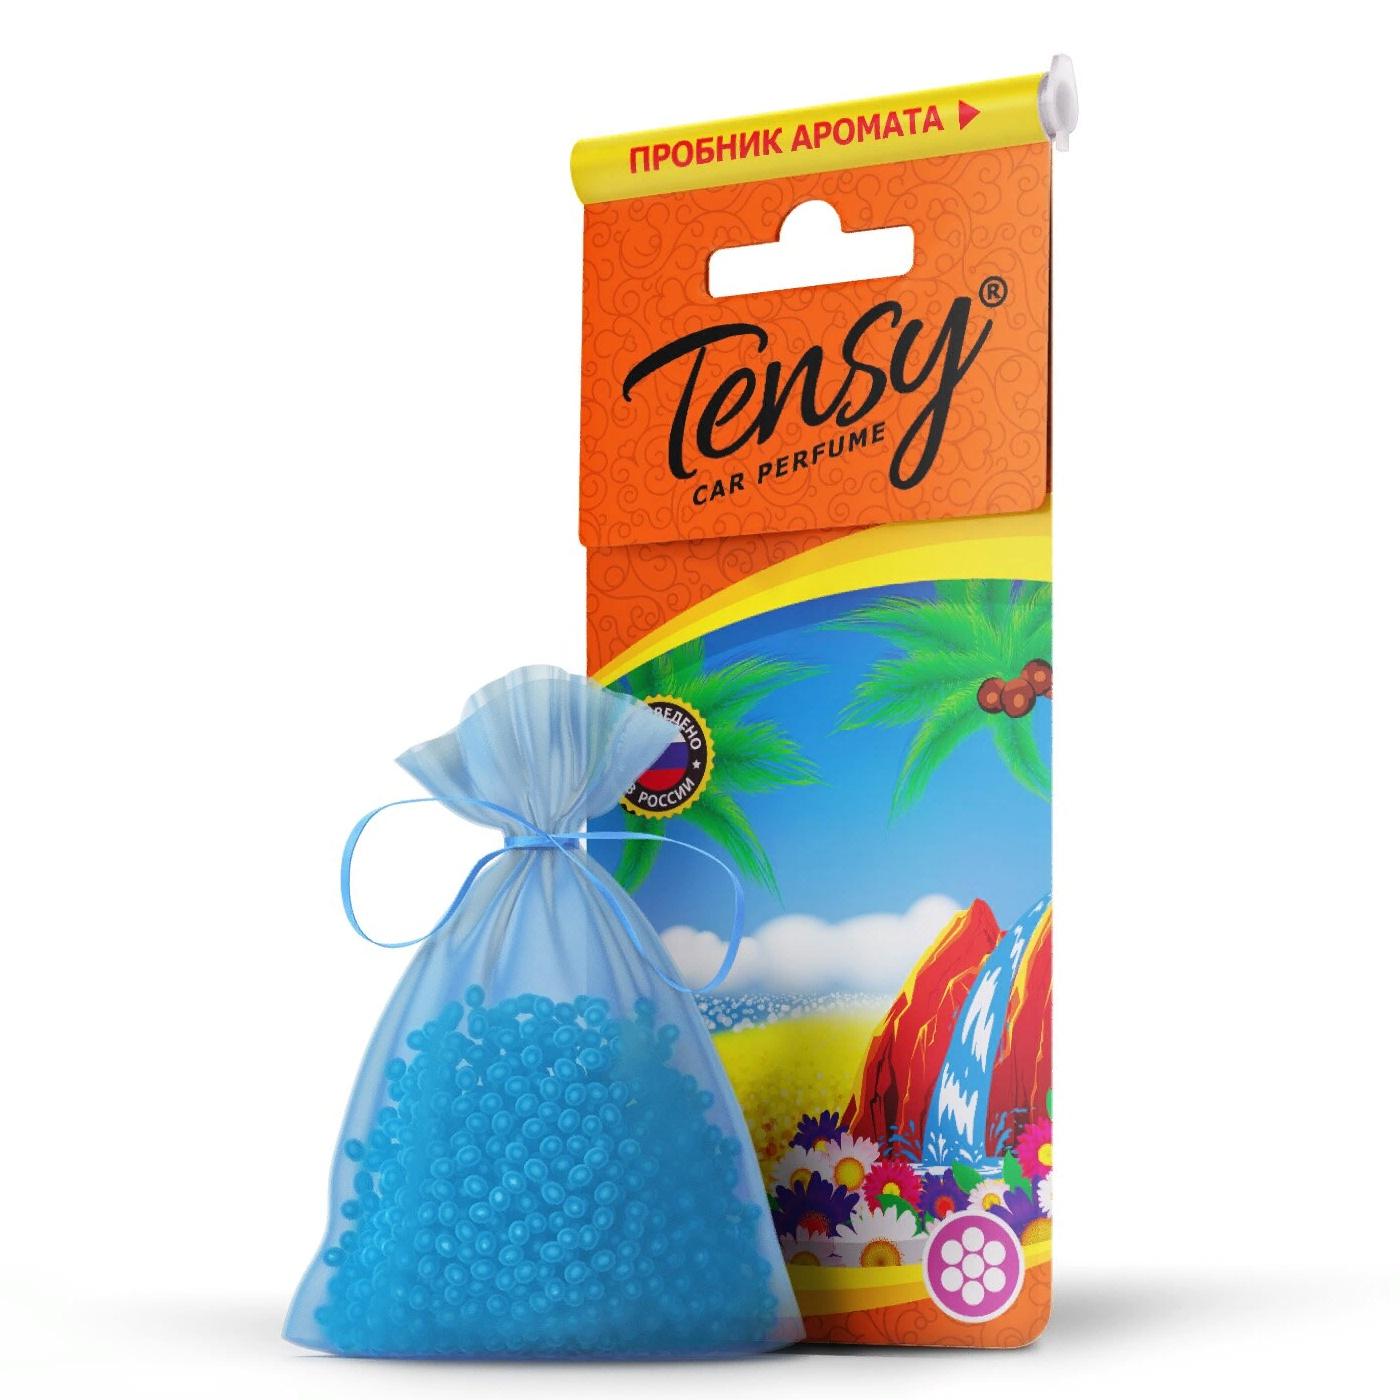 Автомобильный ароматизатор Tensy мешочек, основа гранулы, ВодопадTTE-07Ароматизатор воздуха подвесной. Предназначен для использования в автомобиле, доме или офисе.